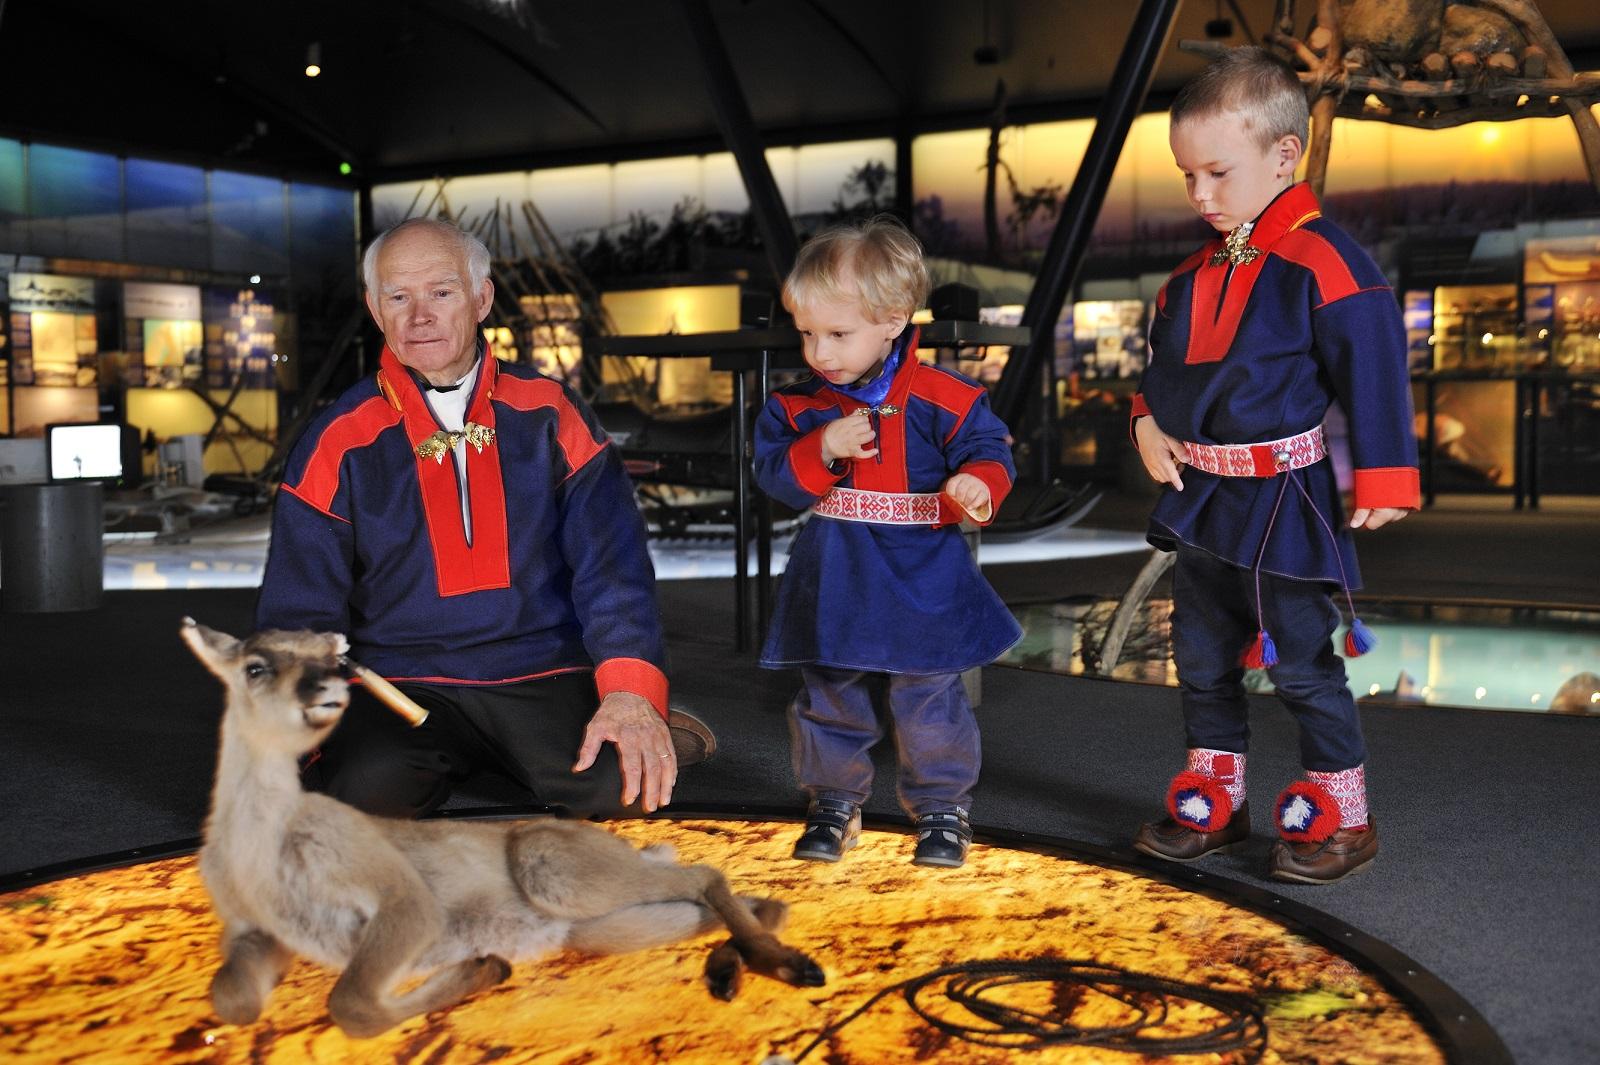 Saamelaismuseo Siida. Poromies Yrjö Mattus kertoo pojanpojalleen ja tämän kaverille entisajan poronhoidosta.